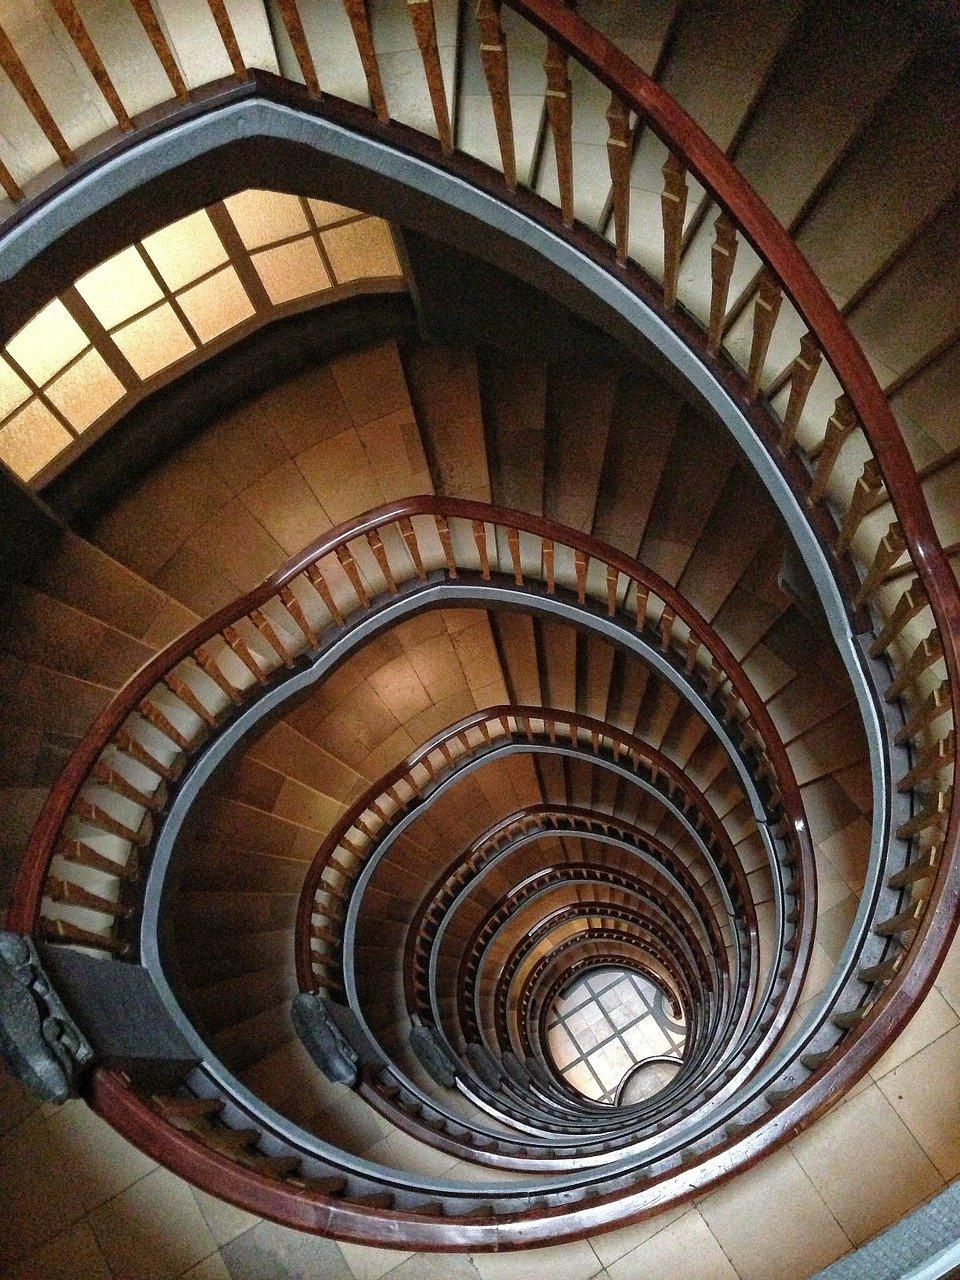 spiralne-schody-metafora-procesu-zdrowienia